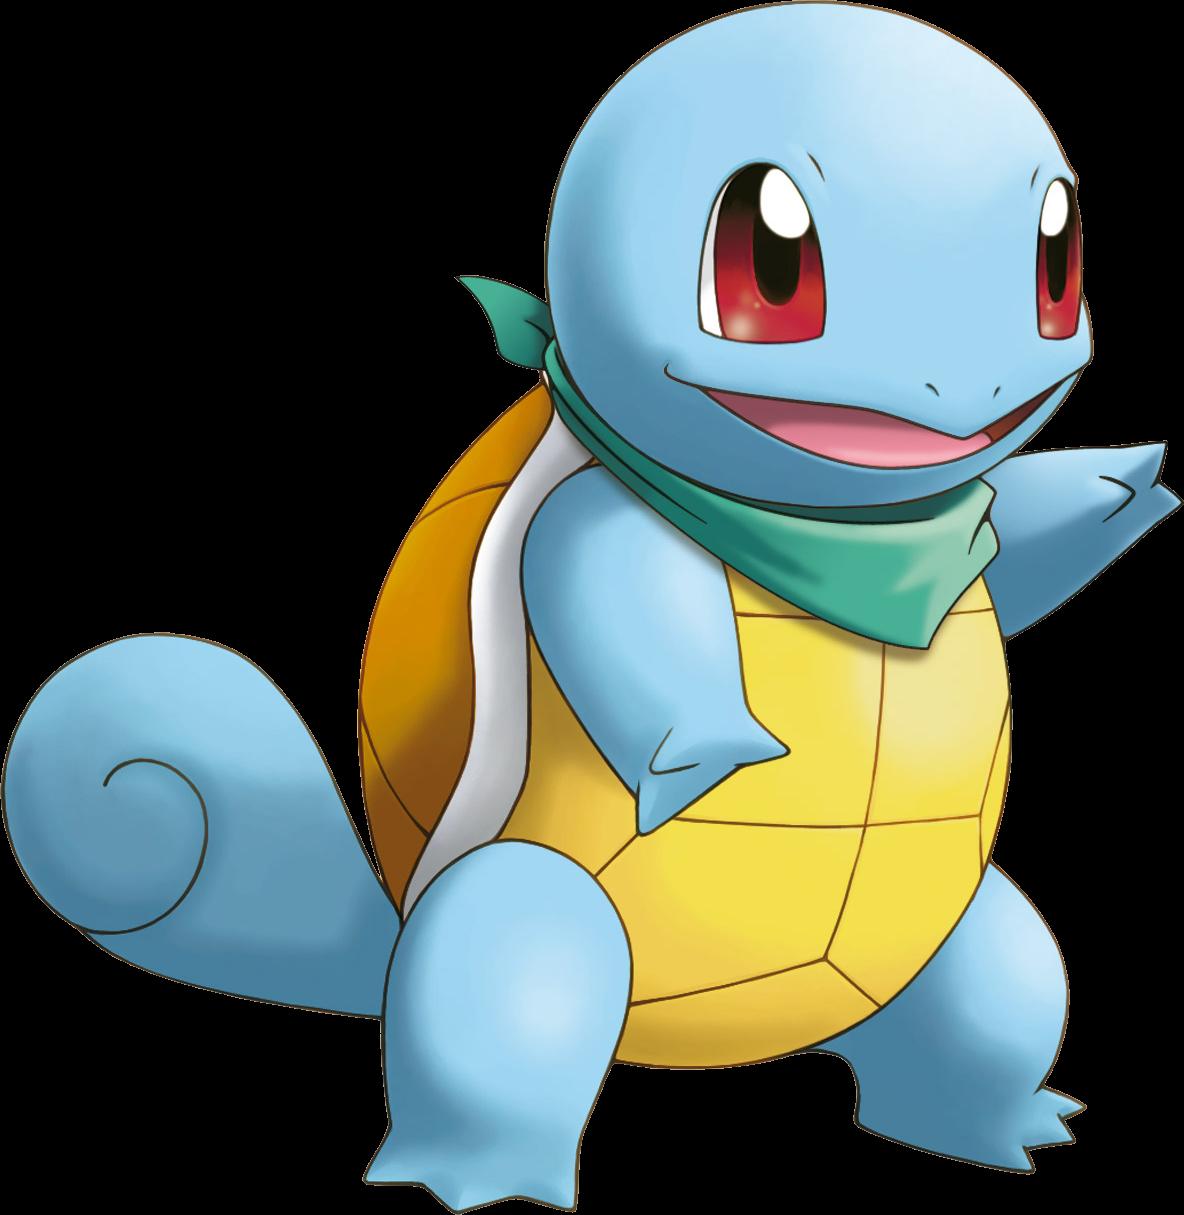 Carapuce Coloriage Gratuit Du Pokemon Carapuce A Imprimer Et